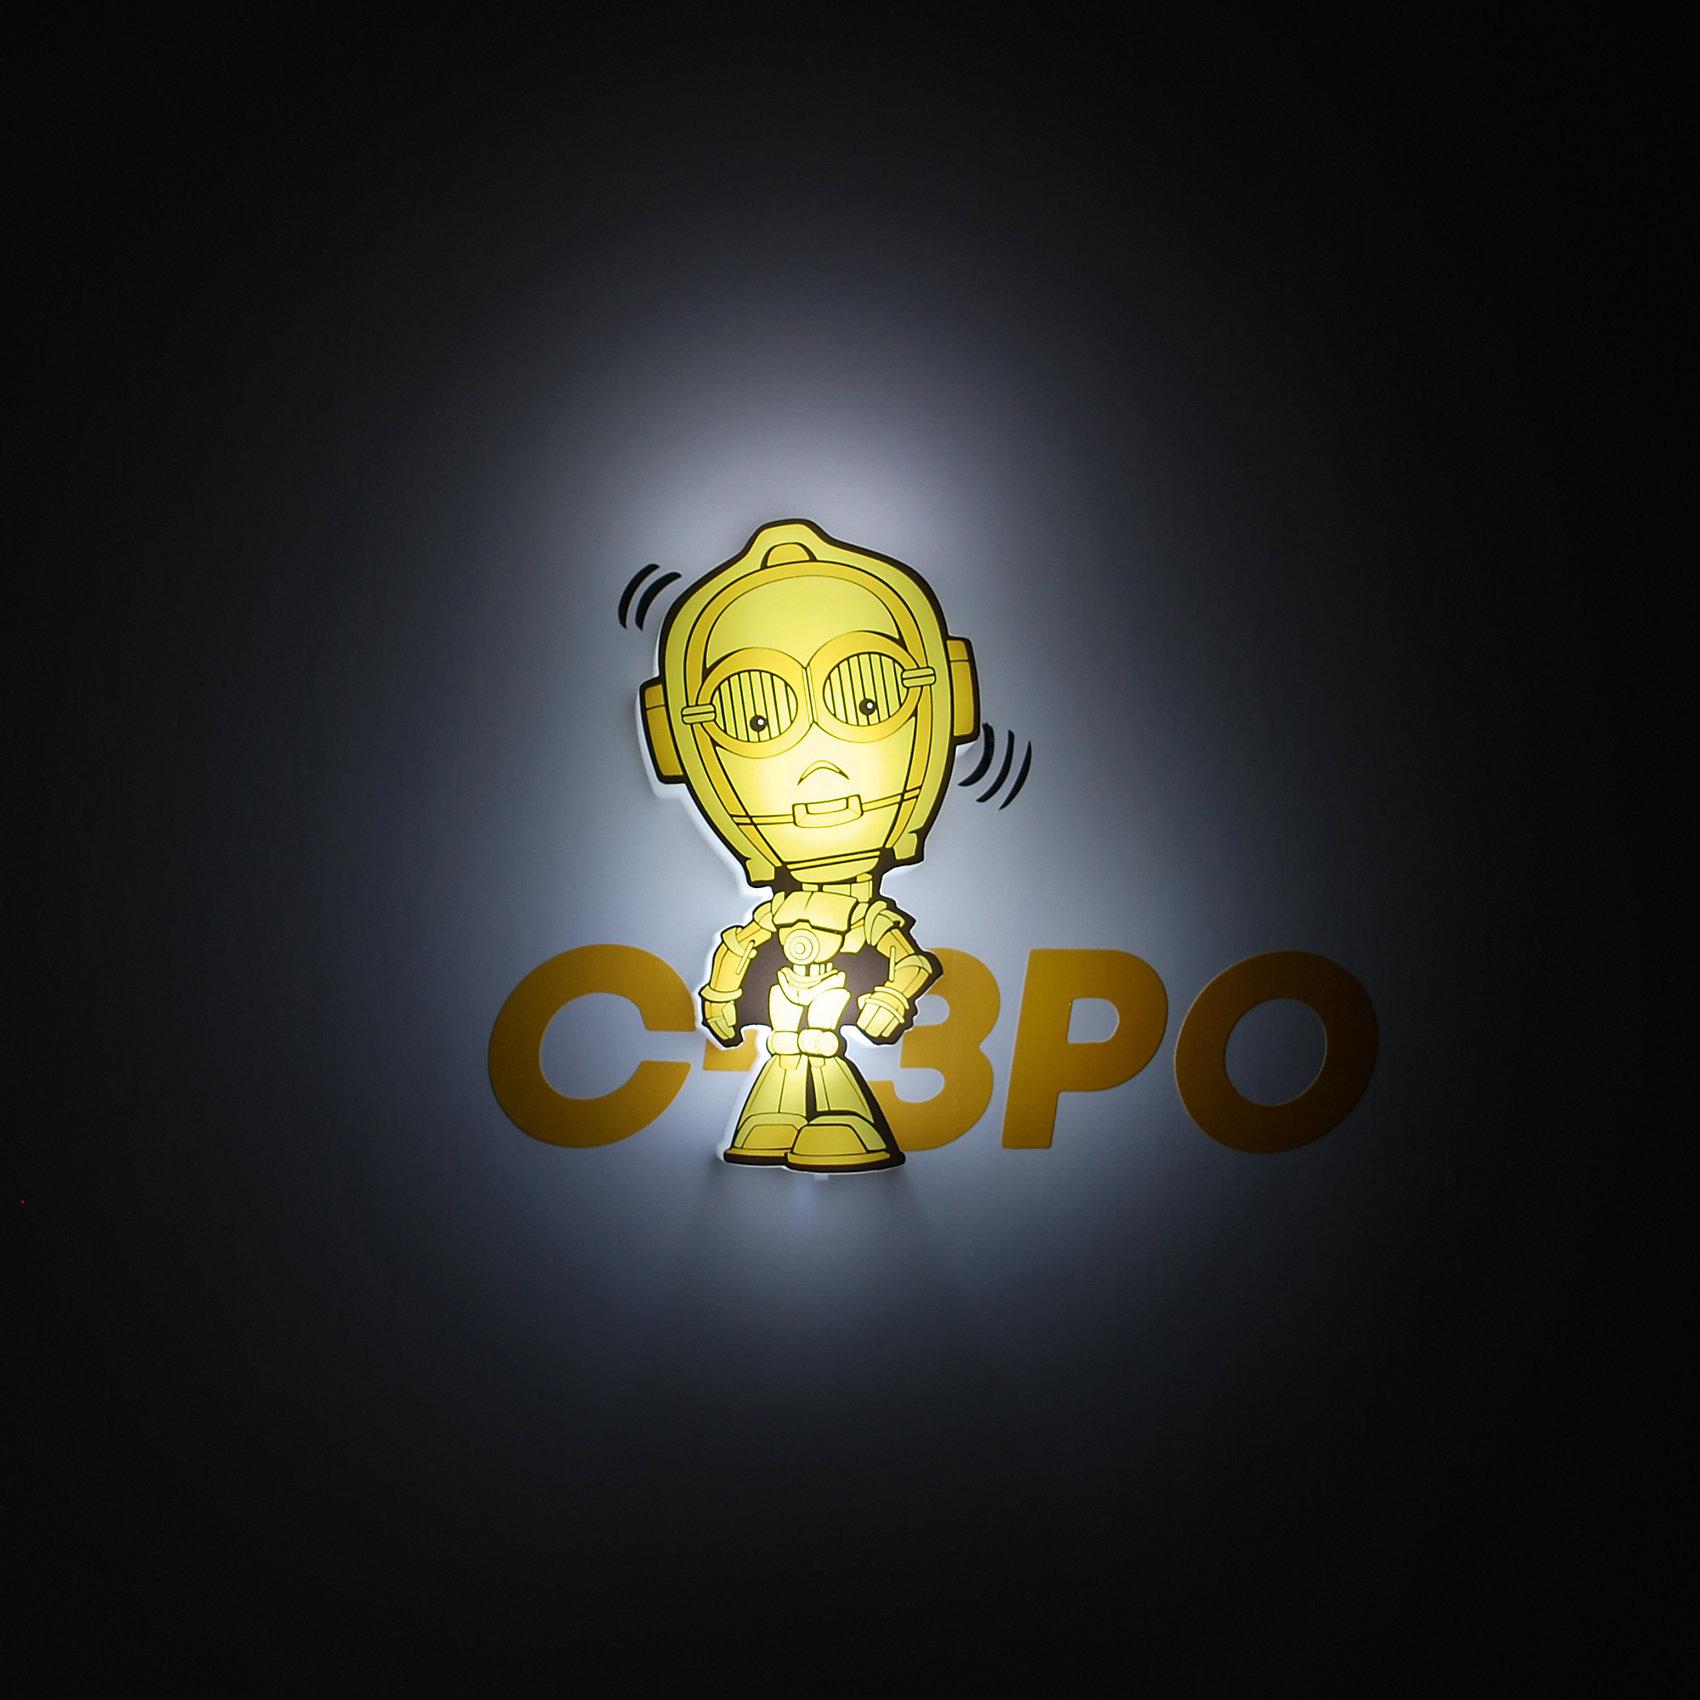 Пробивной мини 3D светильник C-3PO, Звёздные ВойныПробивной мини 3D светильник C-3PO, Звёздные Войны – светильник станет оригинальным декором для комнаты и подарит приятный мягкий свет.<br>Оригинальный пробивной 3D светильник, выполненный в виде дроида C-3PO – героя саги Звездные войны, создаст сказочную атмосферу в детской комнате. Мягкое приглушенное свечение наполнит детскую комнату теплом и уютом и избавит ребенка от ночных страхов. В основе работы светильника заложена светодиодная LED-технология, благодаря которой - он лёгкий, затрачивает небольшое количество энергии, не нагревается. Включение и выключения светильника выполняется путем передвижения рычажка. Приятным дополнением к светильнику служат тематические наклейки для декора.<br><br>Дополнительная информация:<br><br>- В комплекте: светильник; наклейки; крепеж<br>- Товар предназначен для детей старше 3 лет<br>- Безопасный: без проводов, работает от батареек (2хААА, не входят в комплект)<br>- Используются светодиоды: LED технология<br>- Не нагревается: всегда можно дотронуться до изделия<br>- Фантастический: выглядит превосходно в любое время суток<br>- Удобный: простая установка (автоматическое выключение через полчаса непрерывной работы)<br>- Материал: пластик, металл<br>- Размер светильника: 7,6x2,5x12,7 см.<br>- Размер упаковки: 16,9х4,1х16 см.<br>- Вес: 150 г.<br>- ВНИМАНИЕ! Содержит мелкие детали, использовать под непосредственным наблюдением взрослых<br>- Страна происхождения: Китай<br>- Дизайн и разработка: Канада<br><br>Пробивной мини 3D светильник C-3PO, Звёздные Войны можно купить в нашем интернет-магазине.<br><br>Ширина мм: 169<br>Глубина мм: 41<br>Высота мм: 160<br>Вес г: 150<br>Возраст от месяцев: 36<br>Возраст до месяцев: 2147483647<br>Пол: Унисекс<br>Возраст: Детский<br>SKU: 4566032